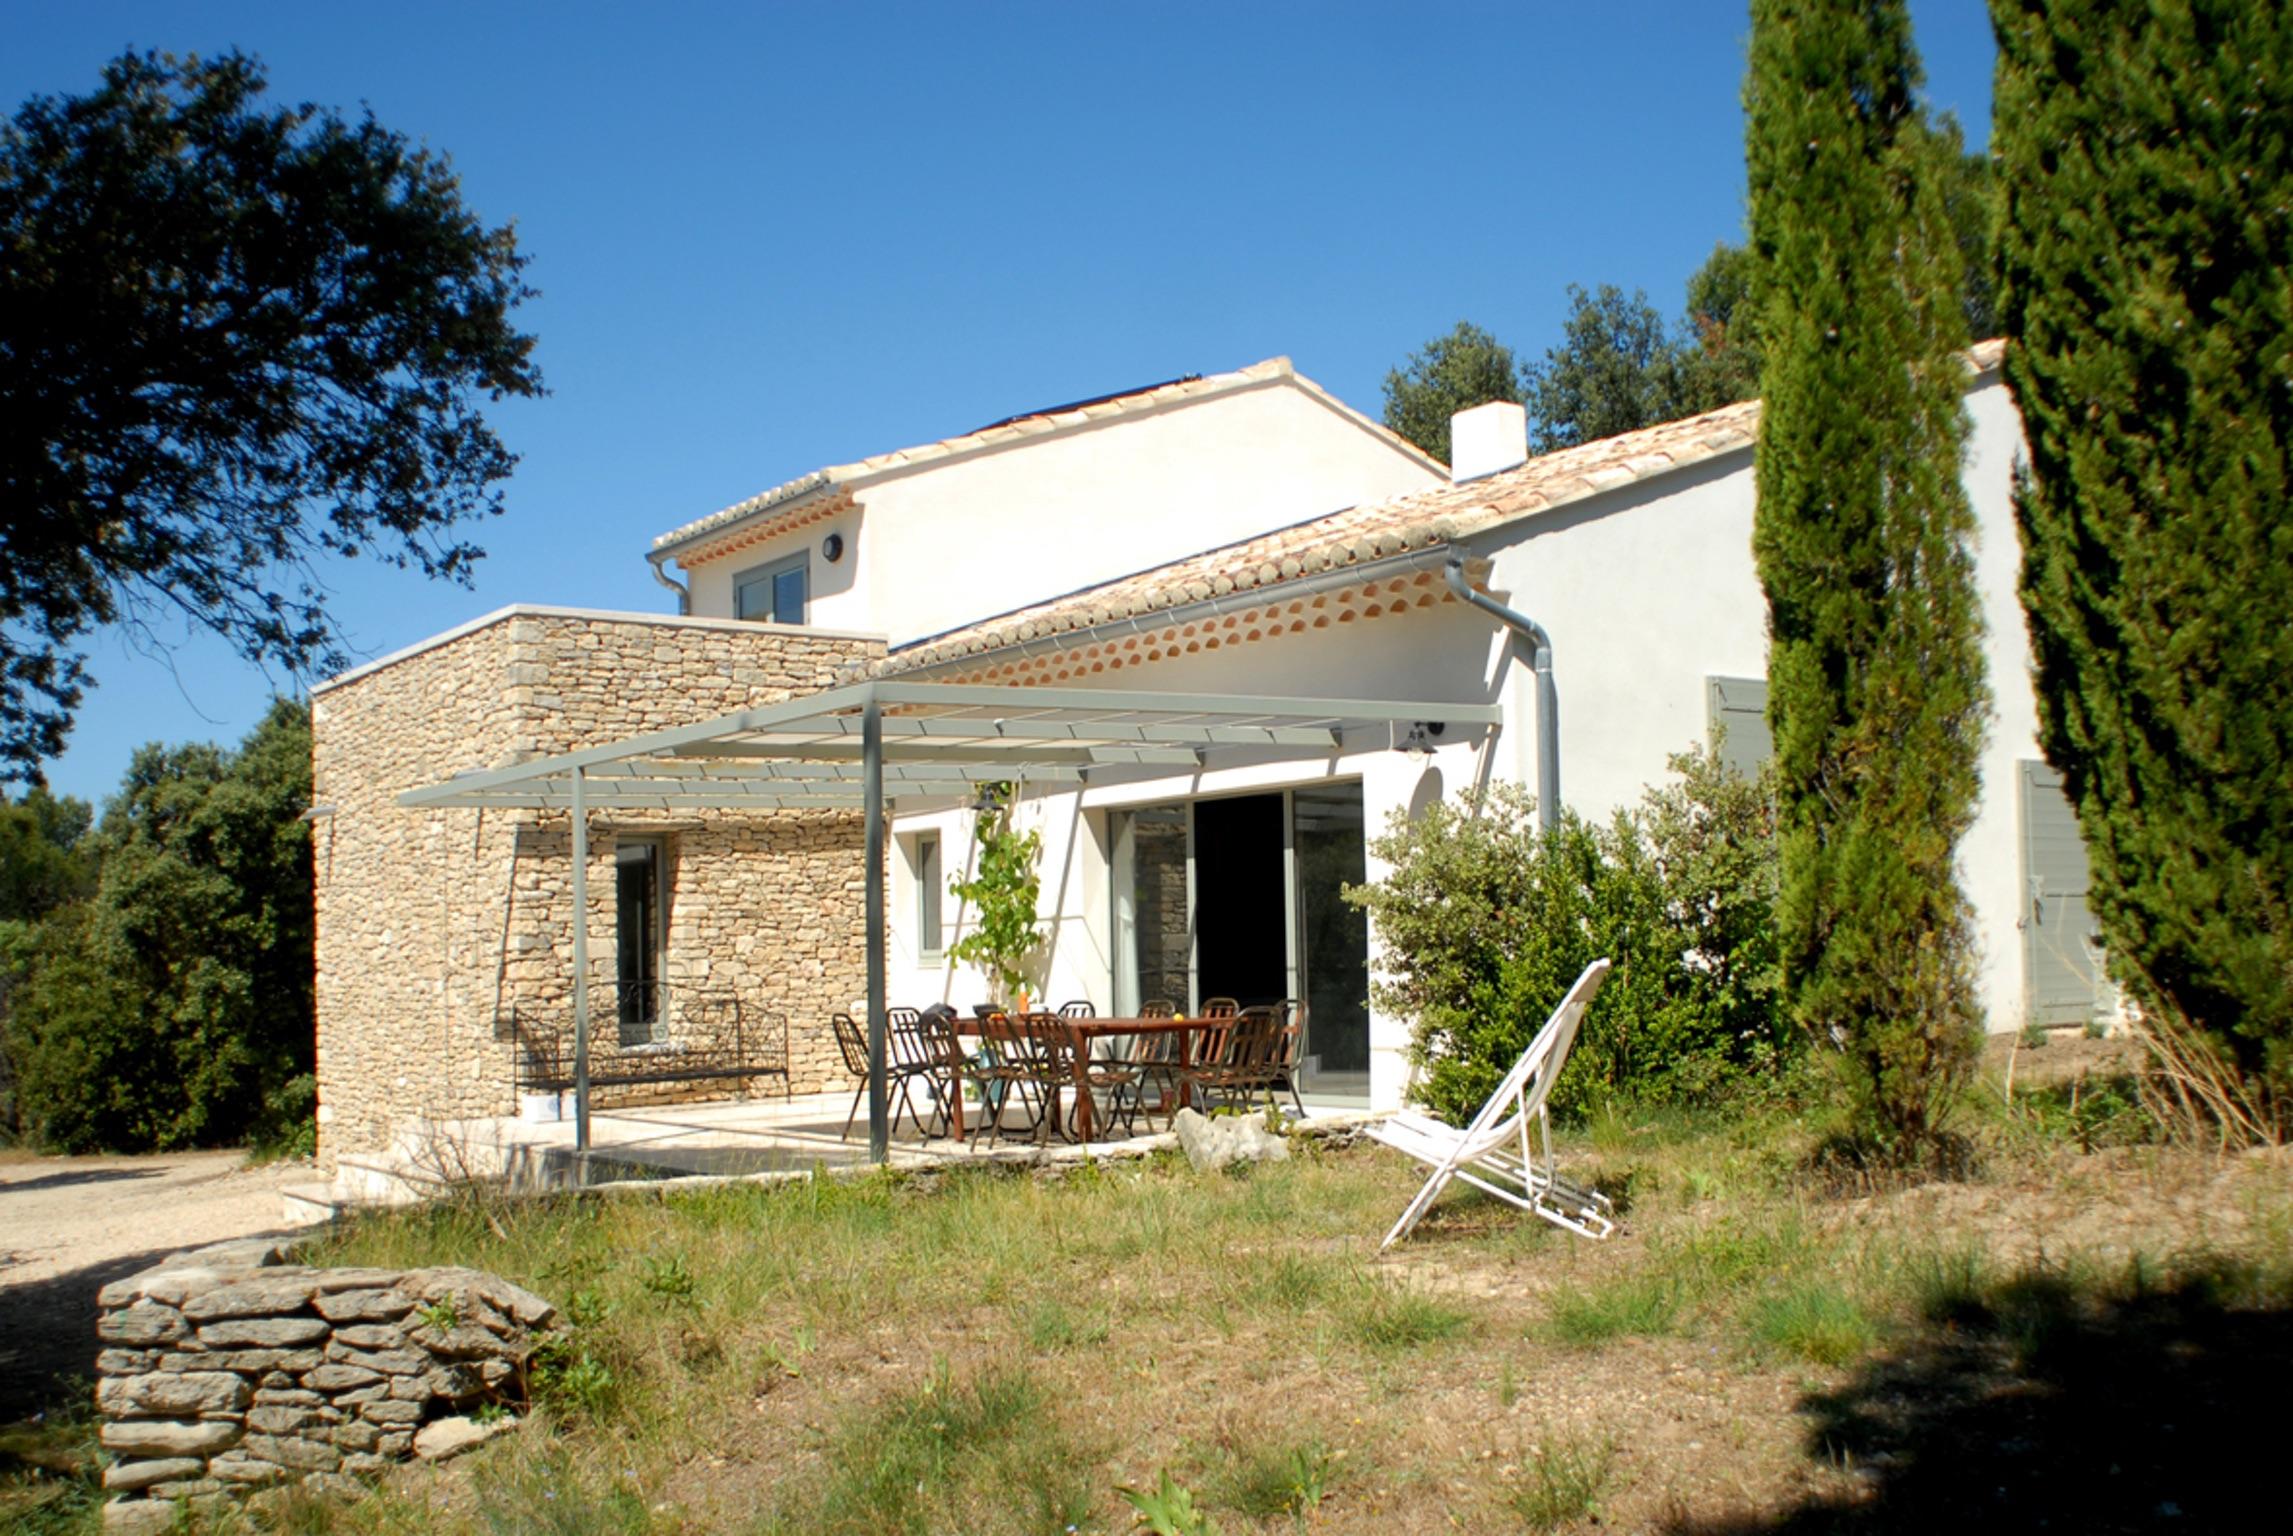 Maison de vacances Herrliches Landhaus in L'Isle-sur-la-Sorgue mit großem Gemeinschaftspool und herrlichem Bl (2202725), L'Isle sur la Sorgue, Vaucluse, Provence - Alpes - Côte d'Azur, France, image 3